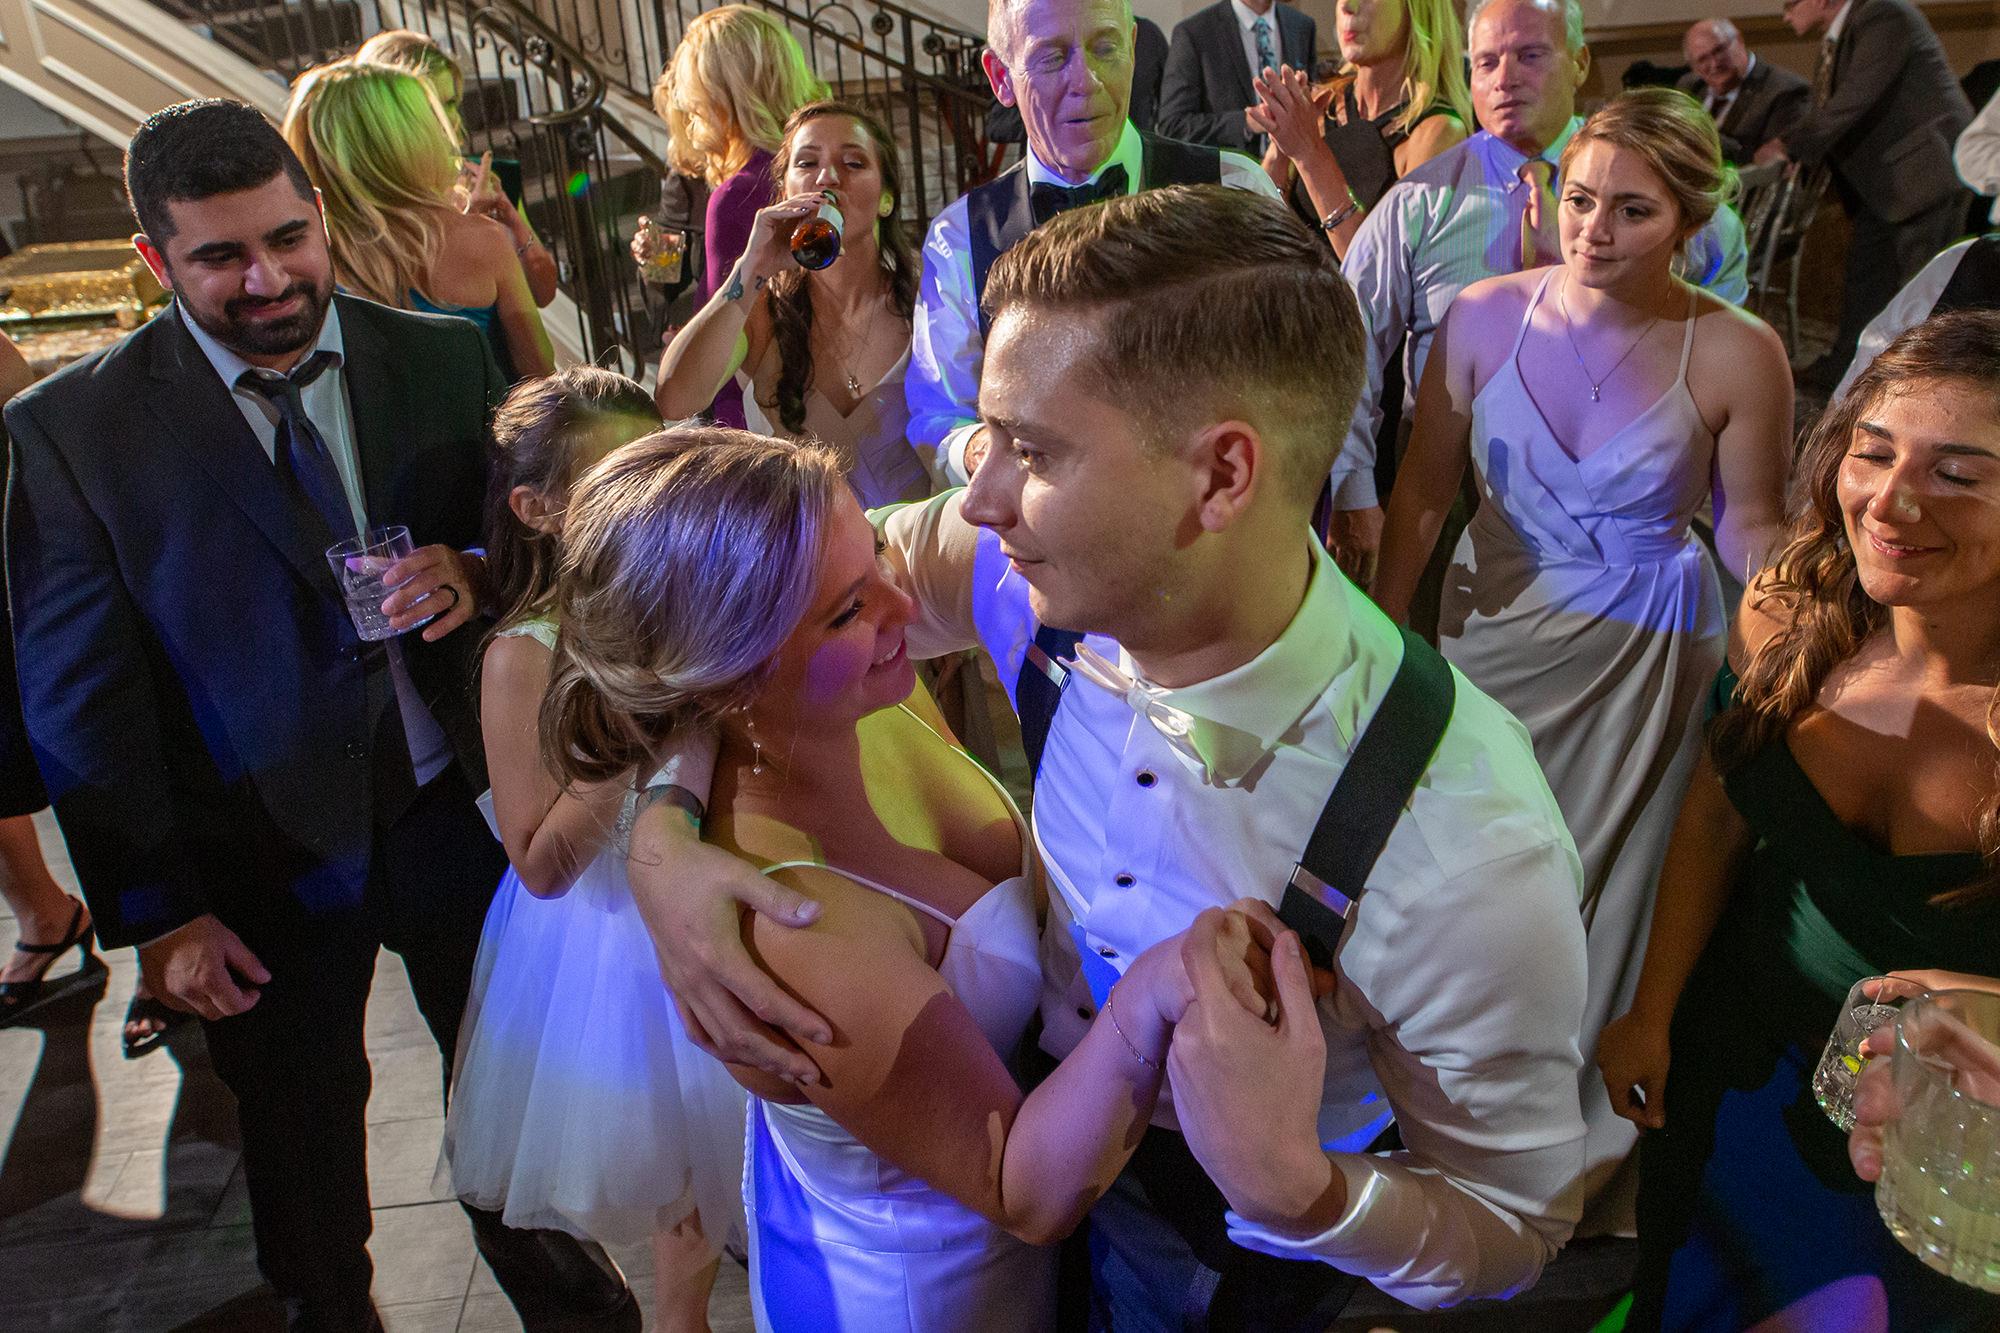 Tara And Michael Dancing At Reception